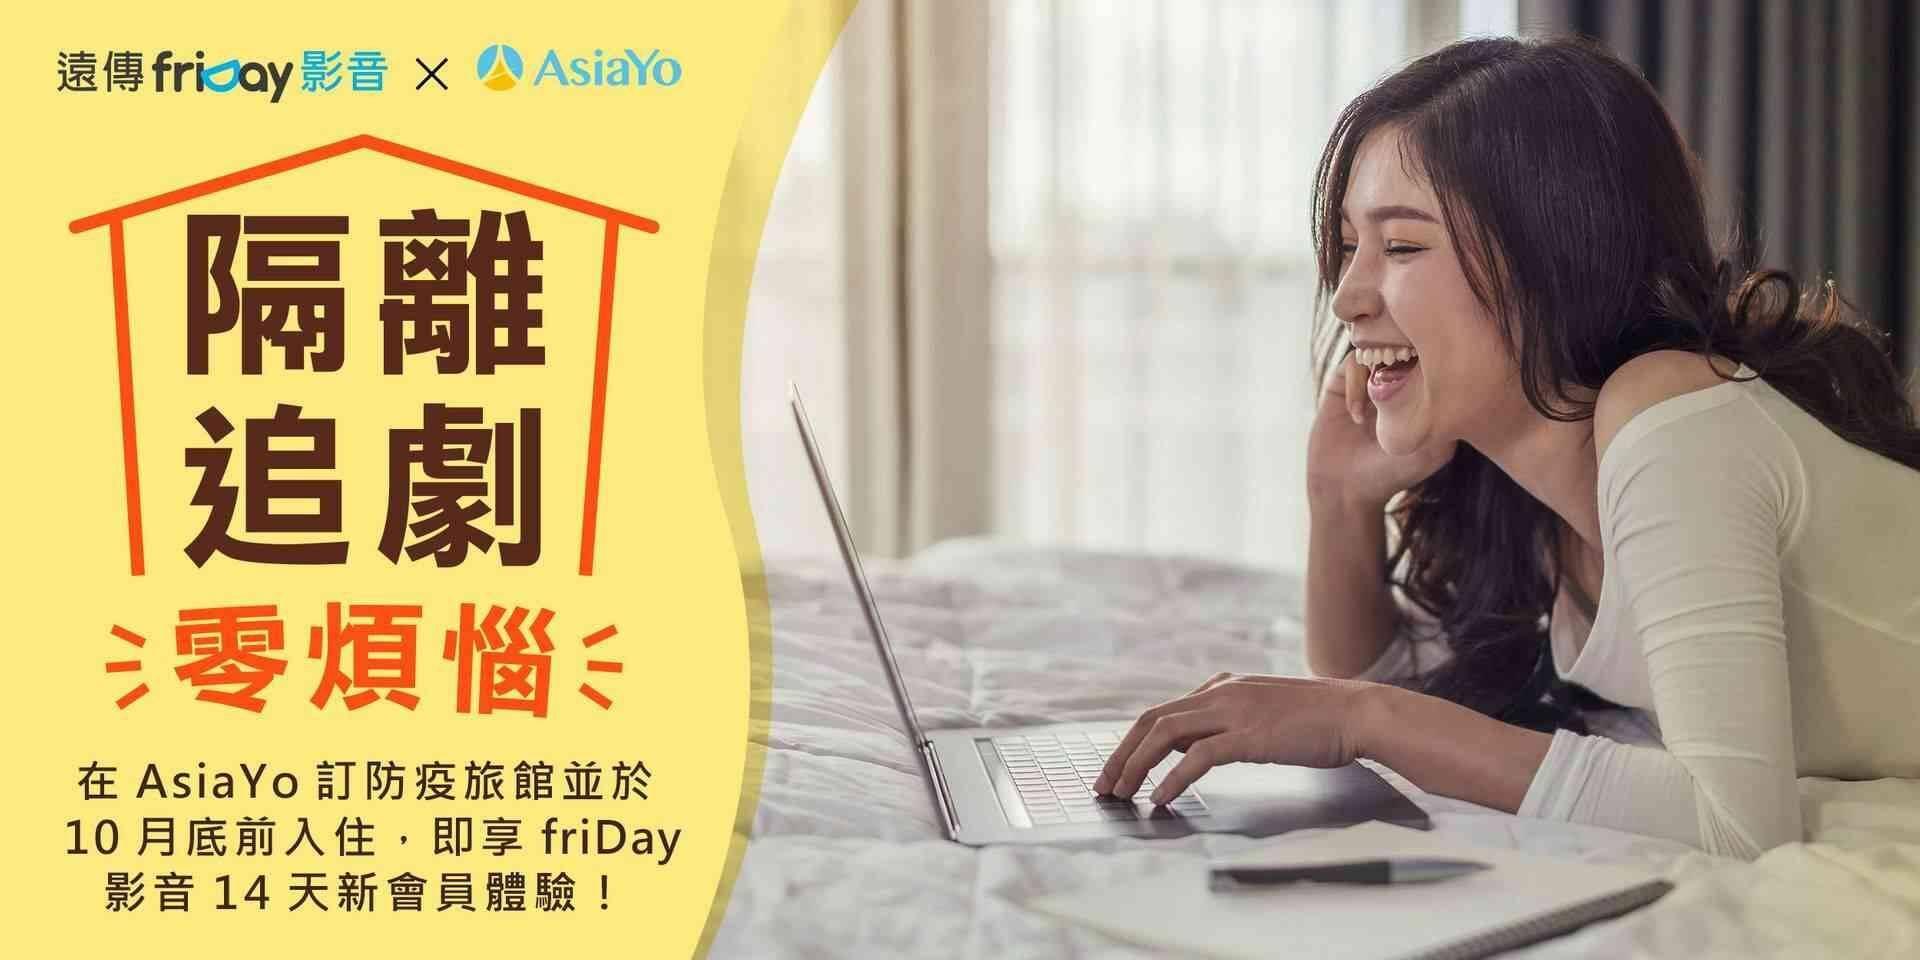 透過AsiaYo防疫旅館訂房可獲得friDay影音禮包